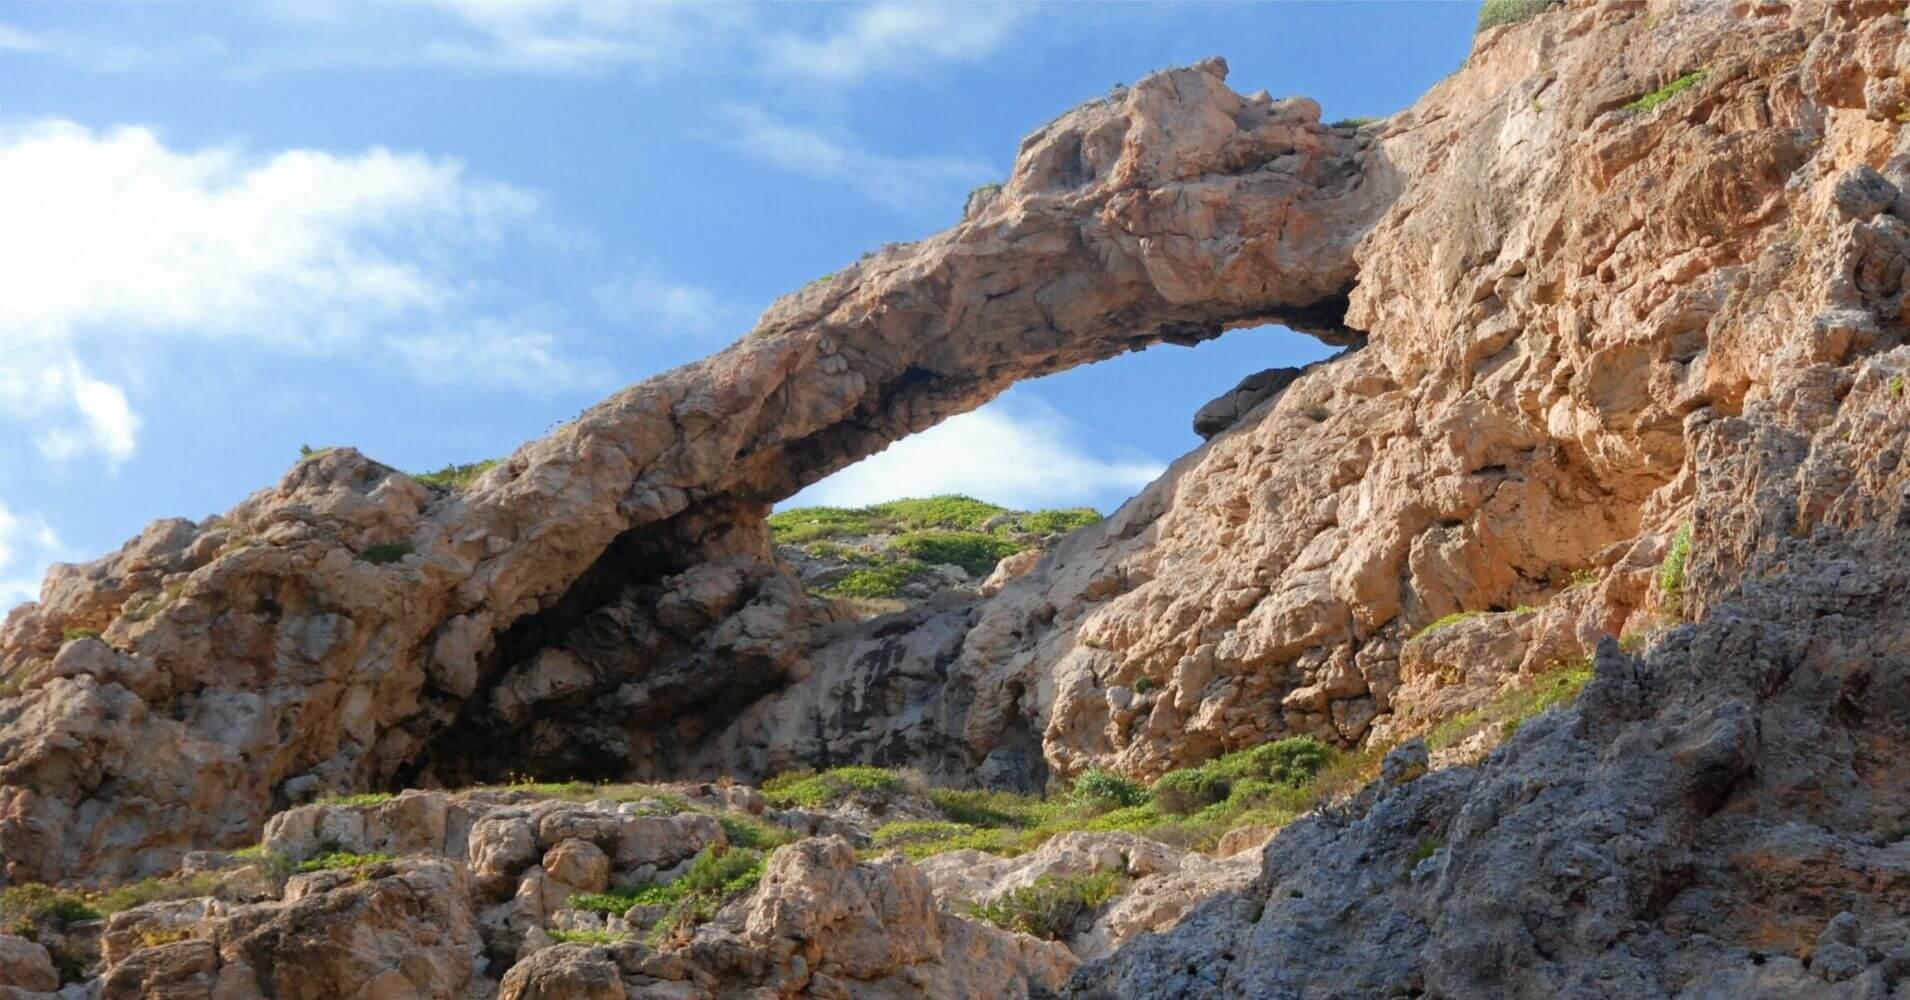 Puente Natural del Parque Nacional Archipiélago de Cabrera. Islas Baleares.